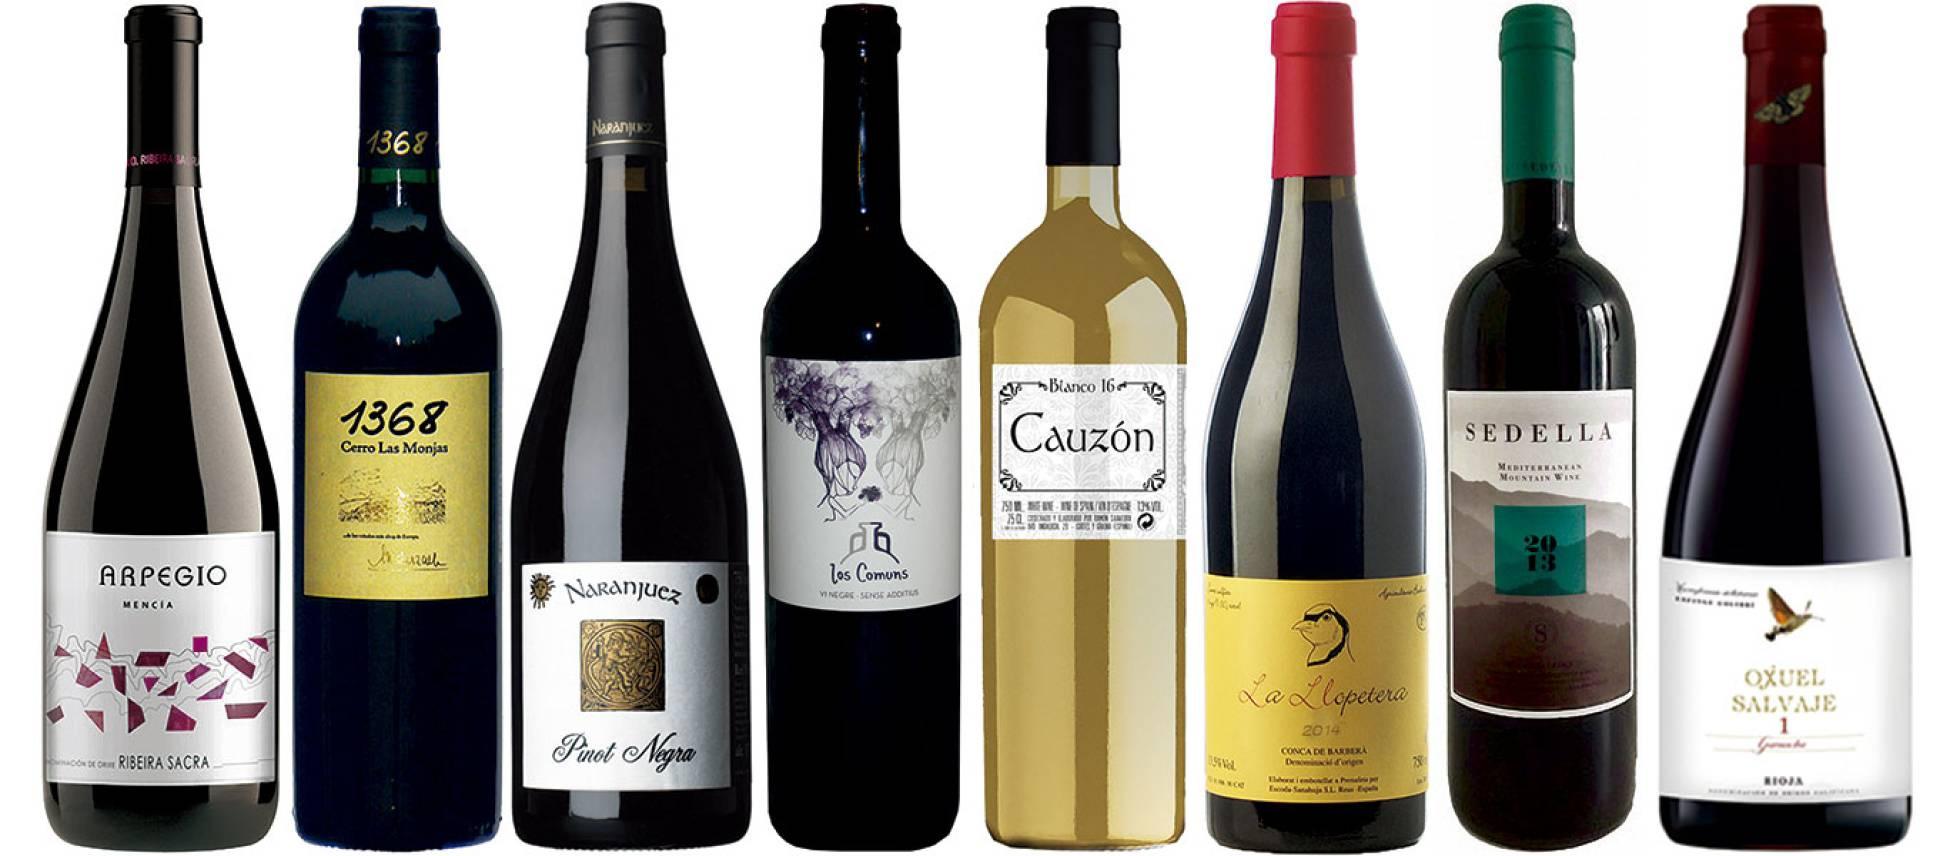 Los mejores vinos naturales